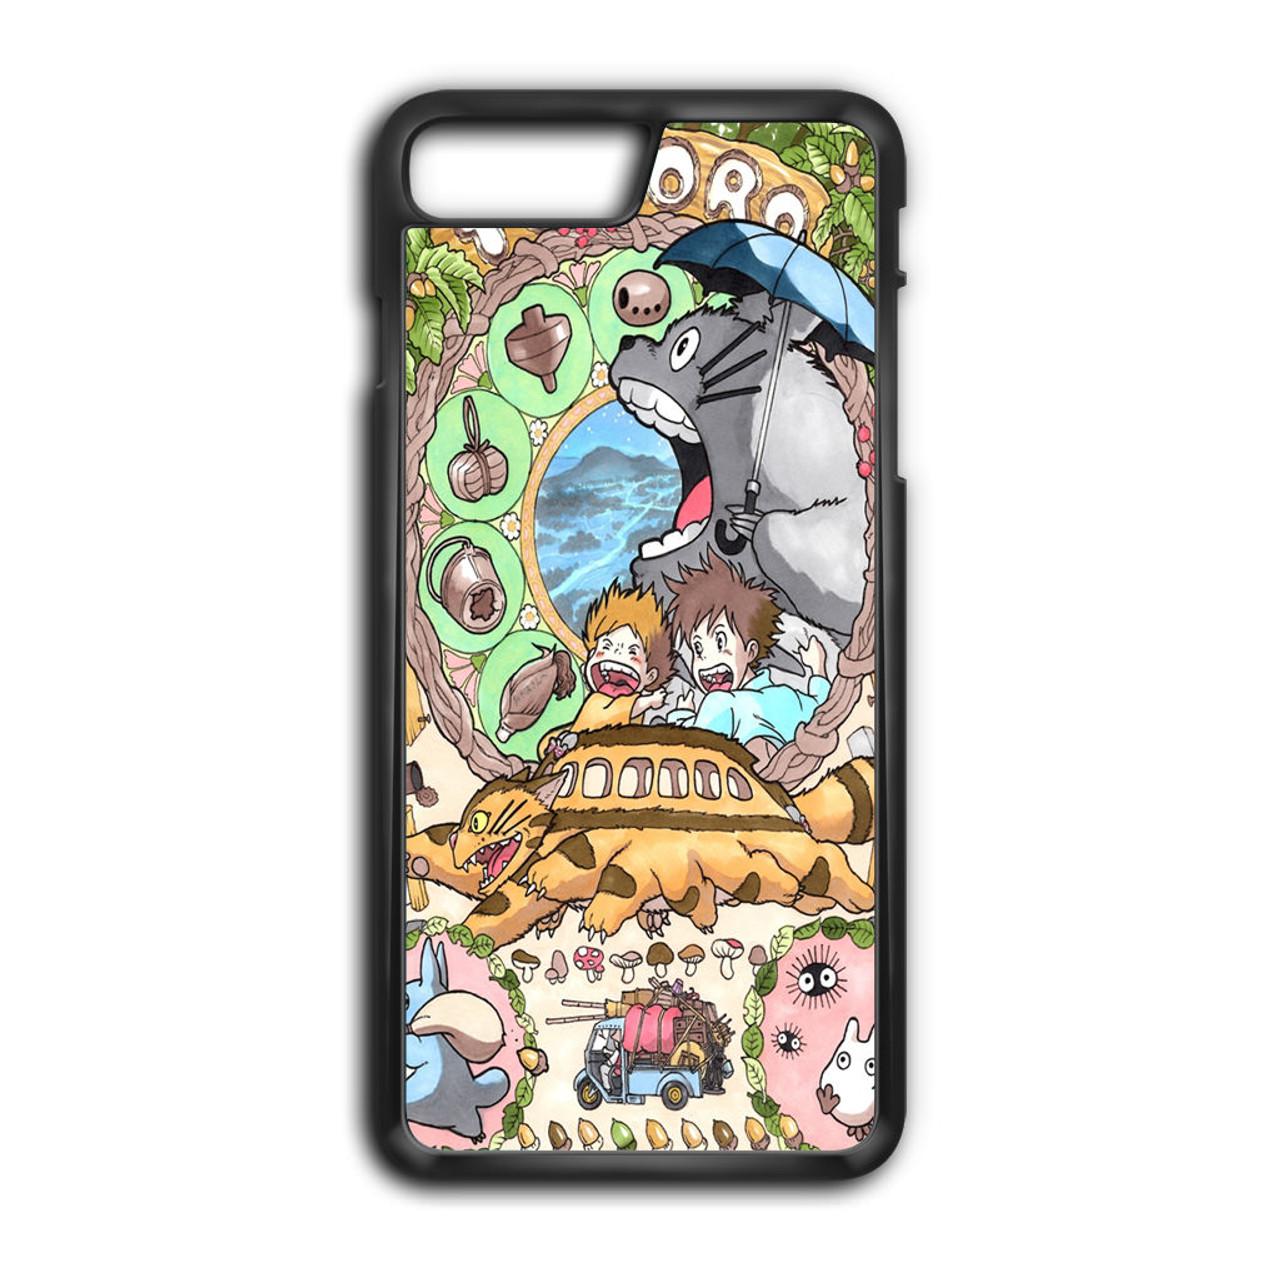 super popular 73849 ddd63 Neighbour Totoro iPhone 8 Plus Case